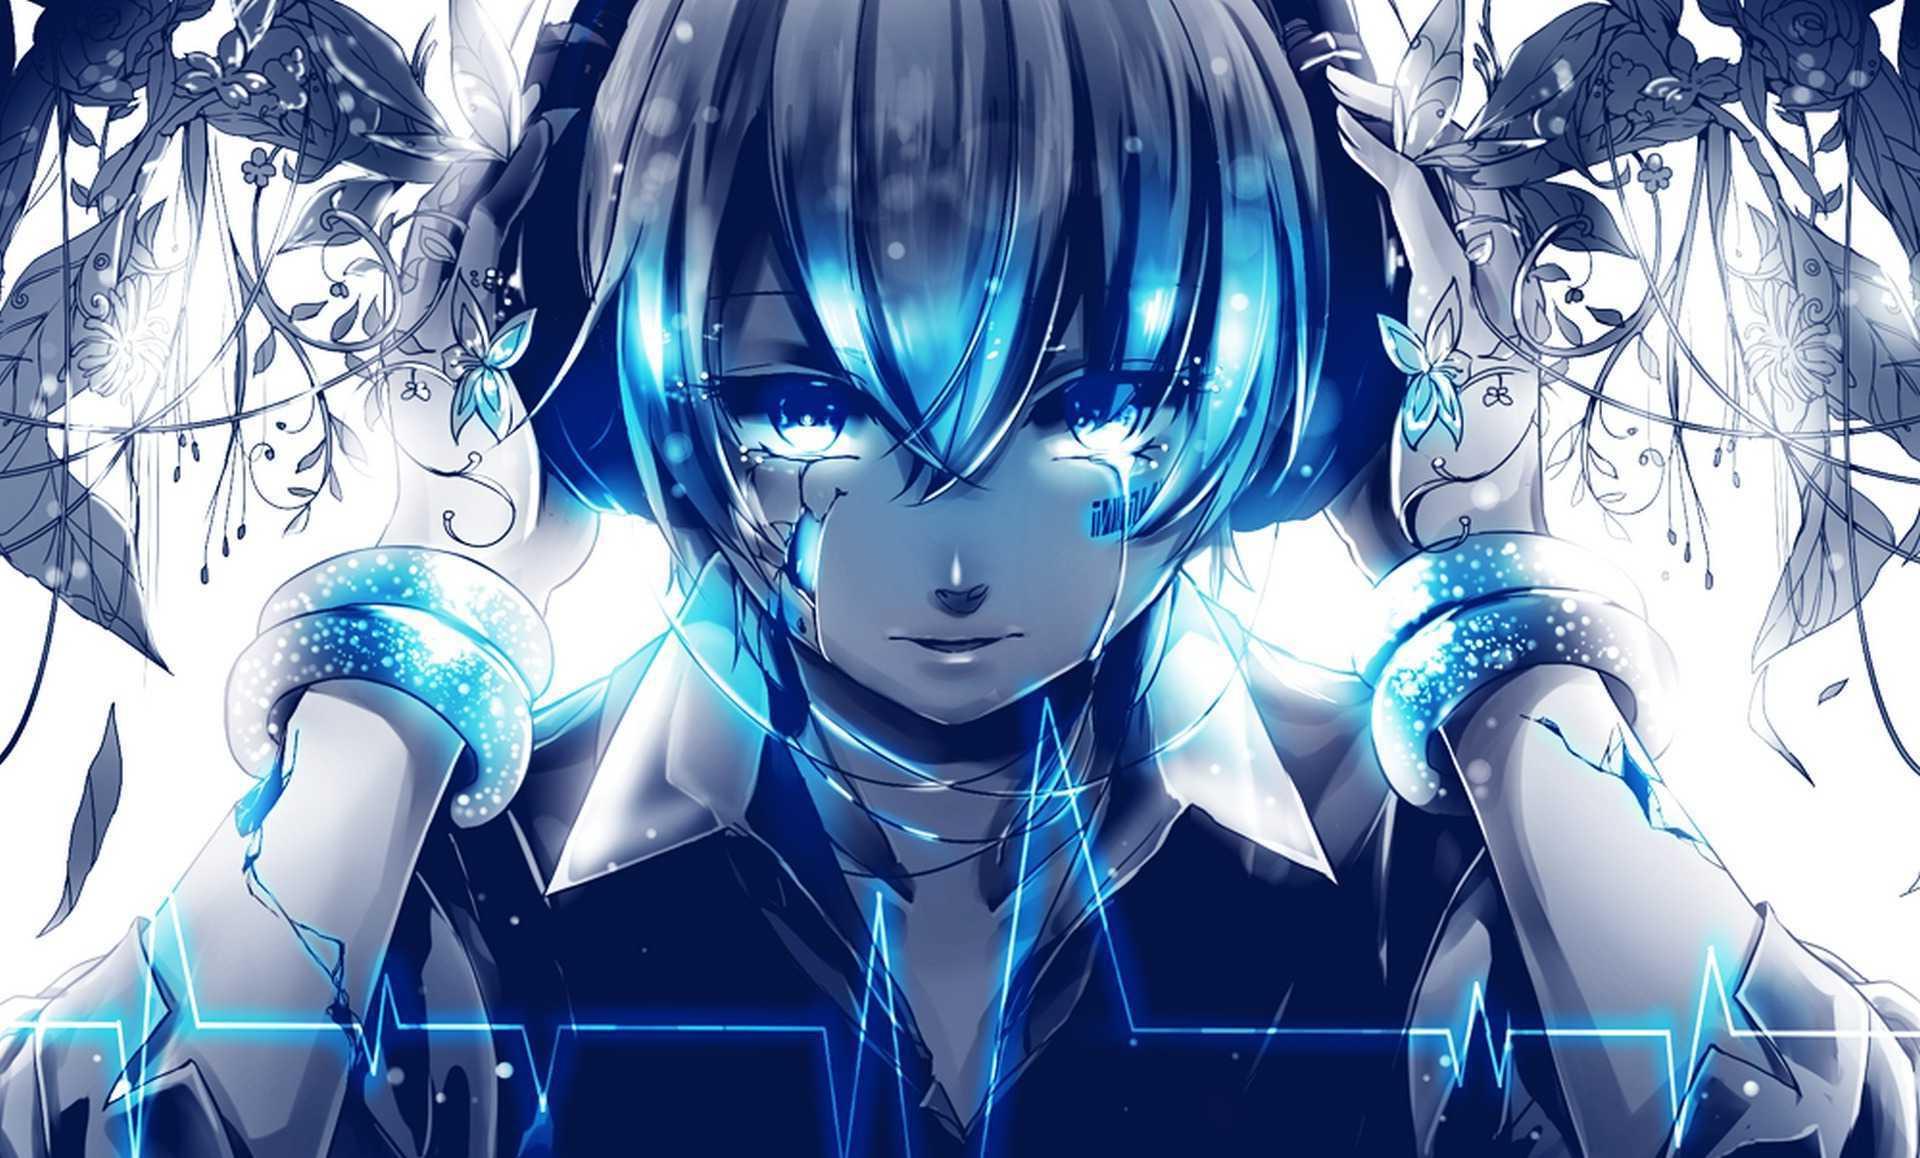 Vocaloid Anime Hd Wallpaper Home Screen Wallpaper